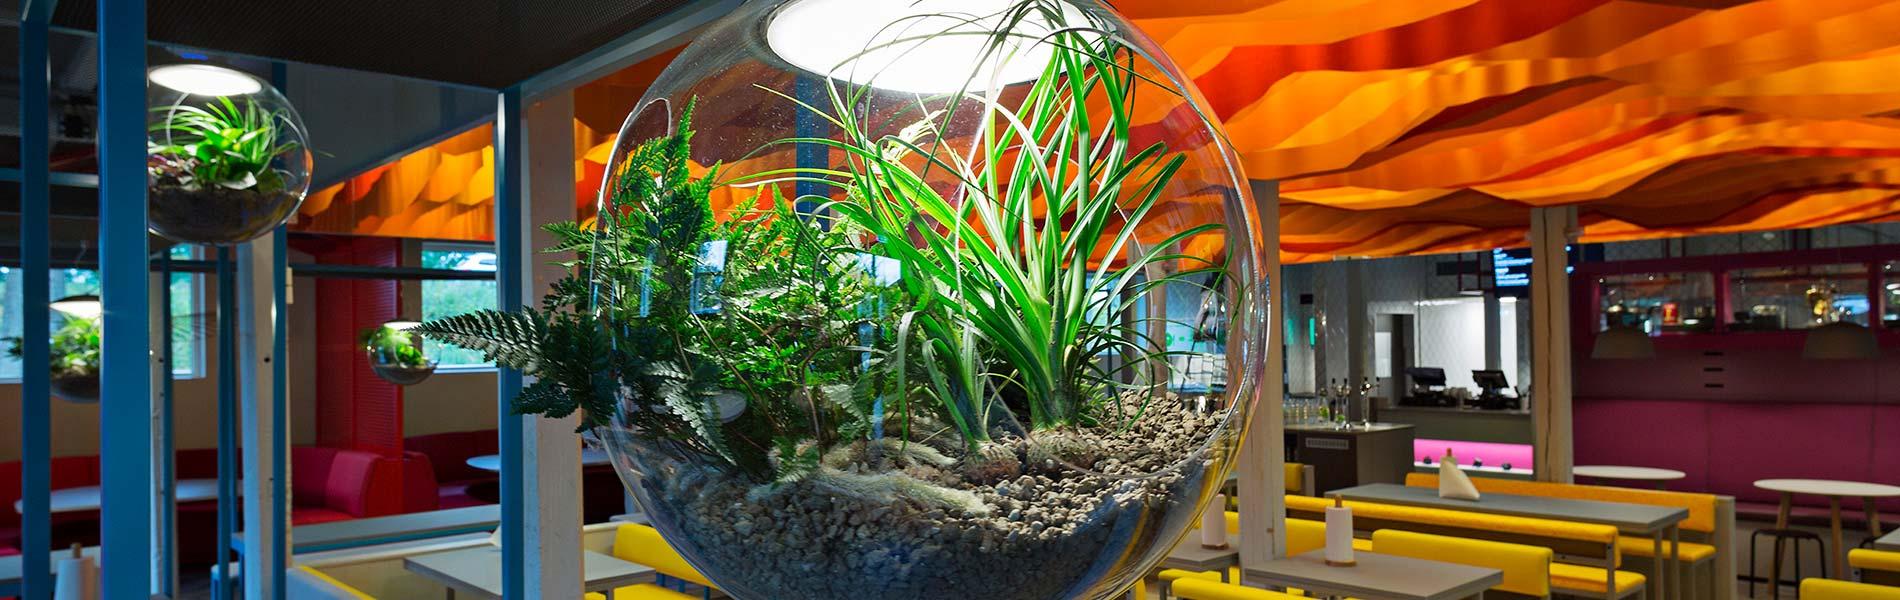 En del av restaurangen med en hängande glaskruka med växter i förgrunden